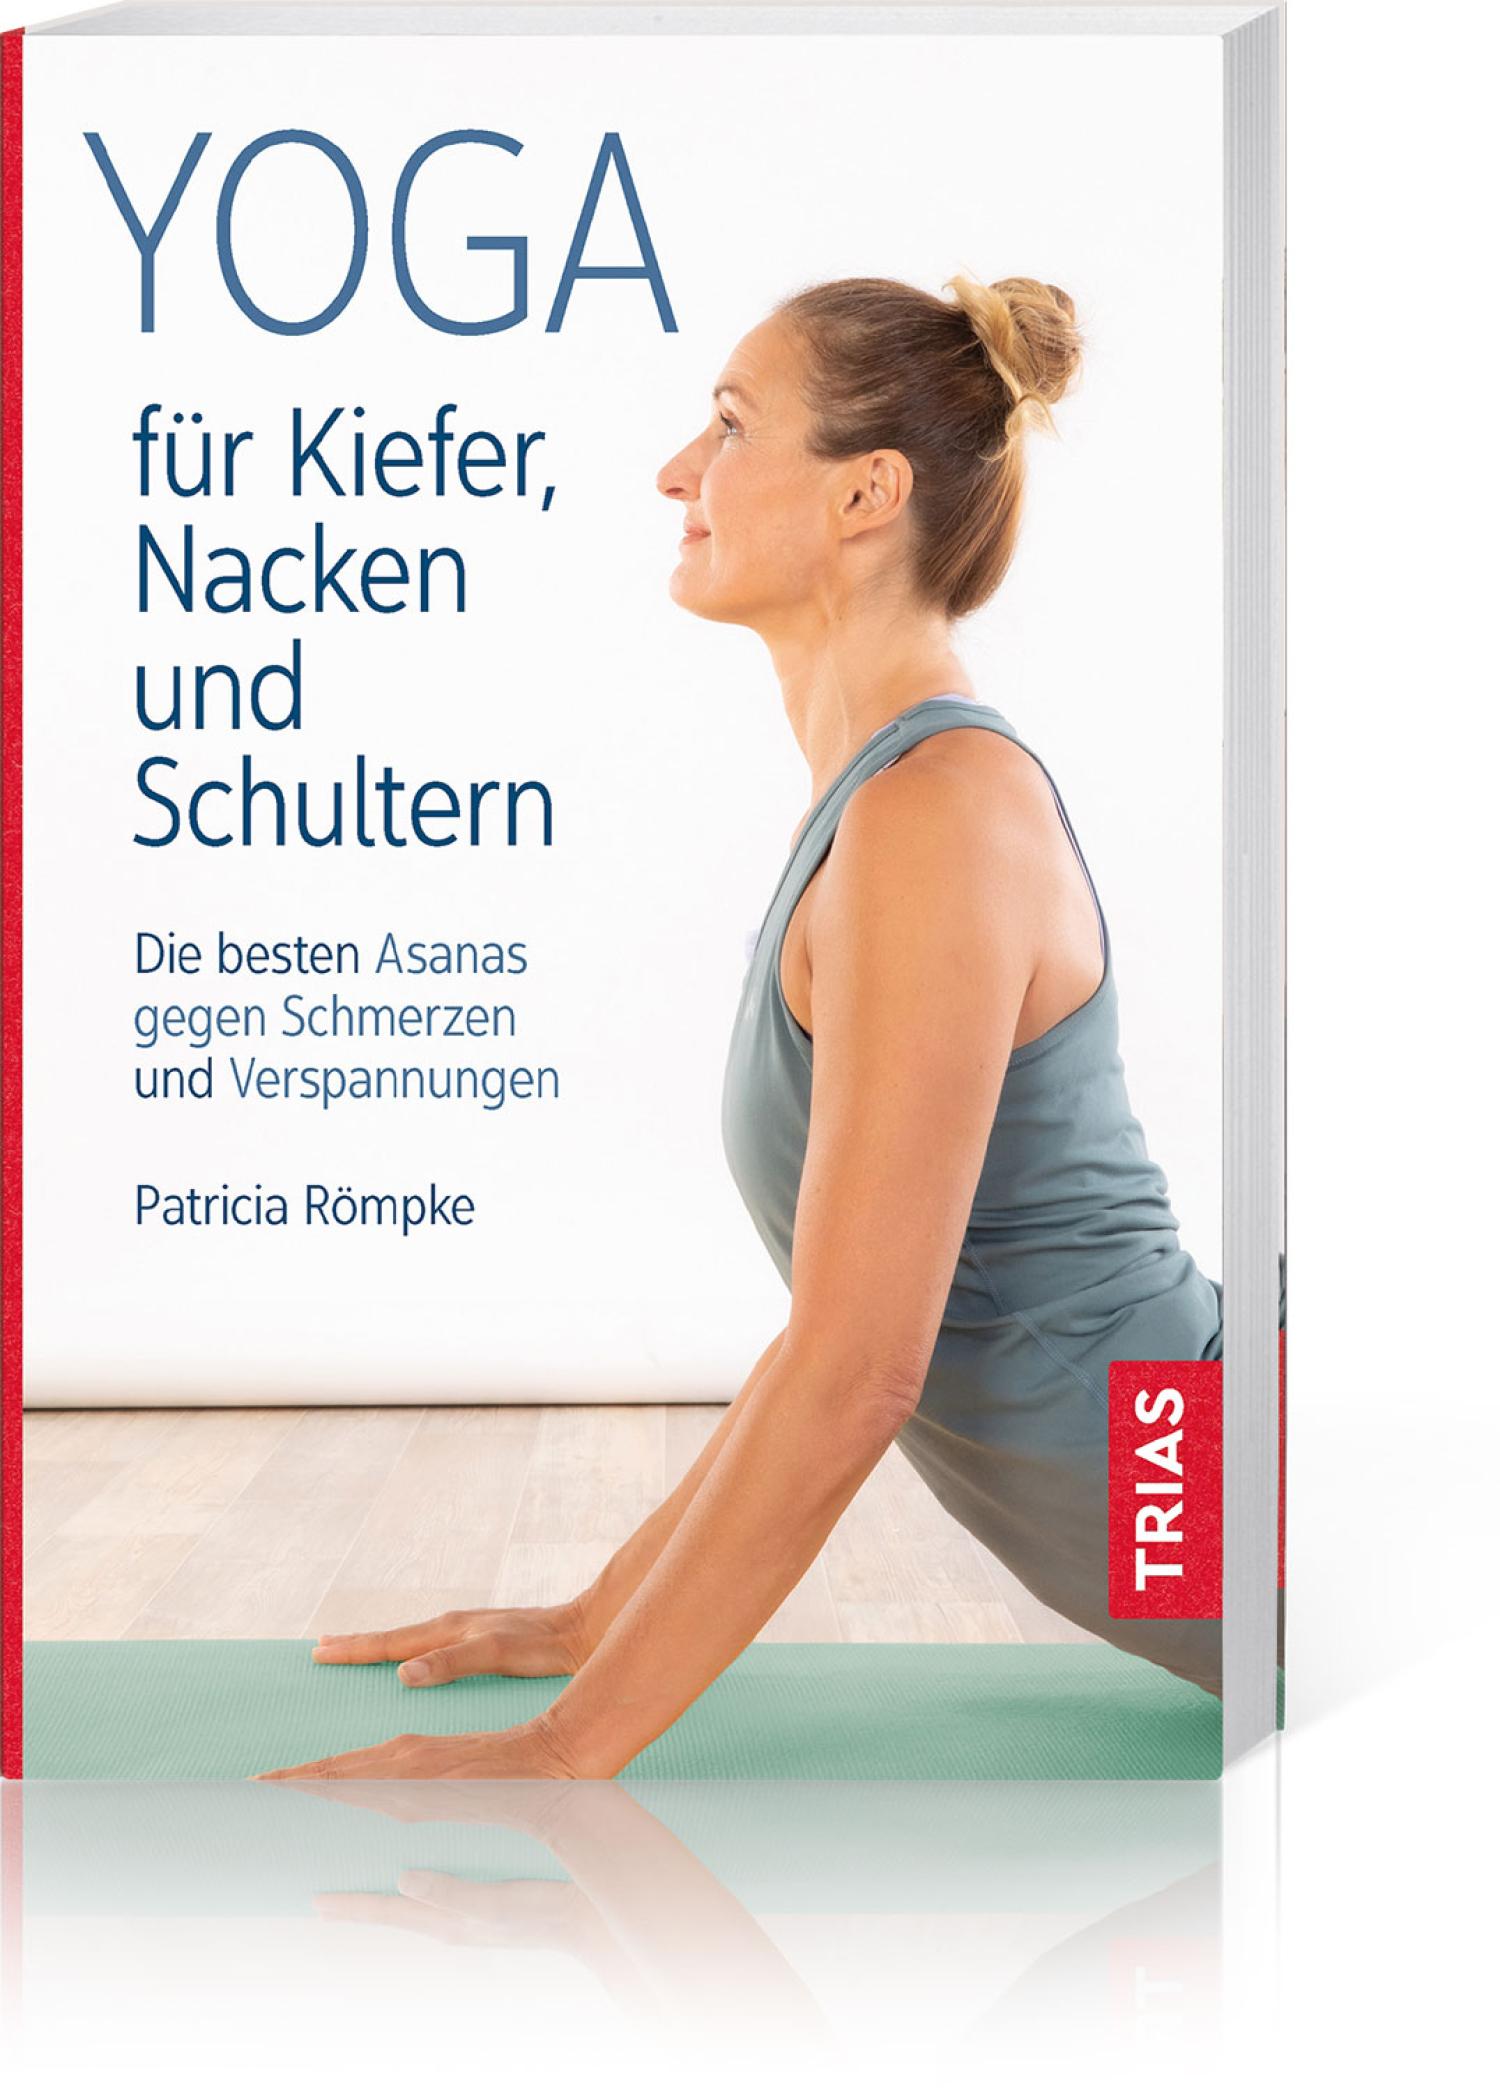 Yoga für Kiefer, Nacken und Schultern, Produktbild 1